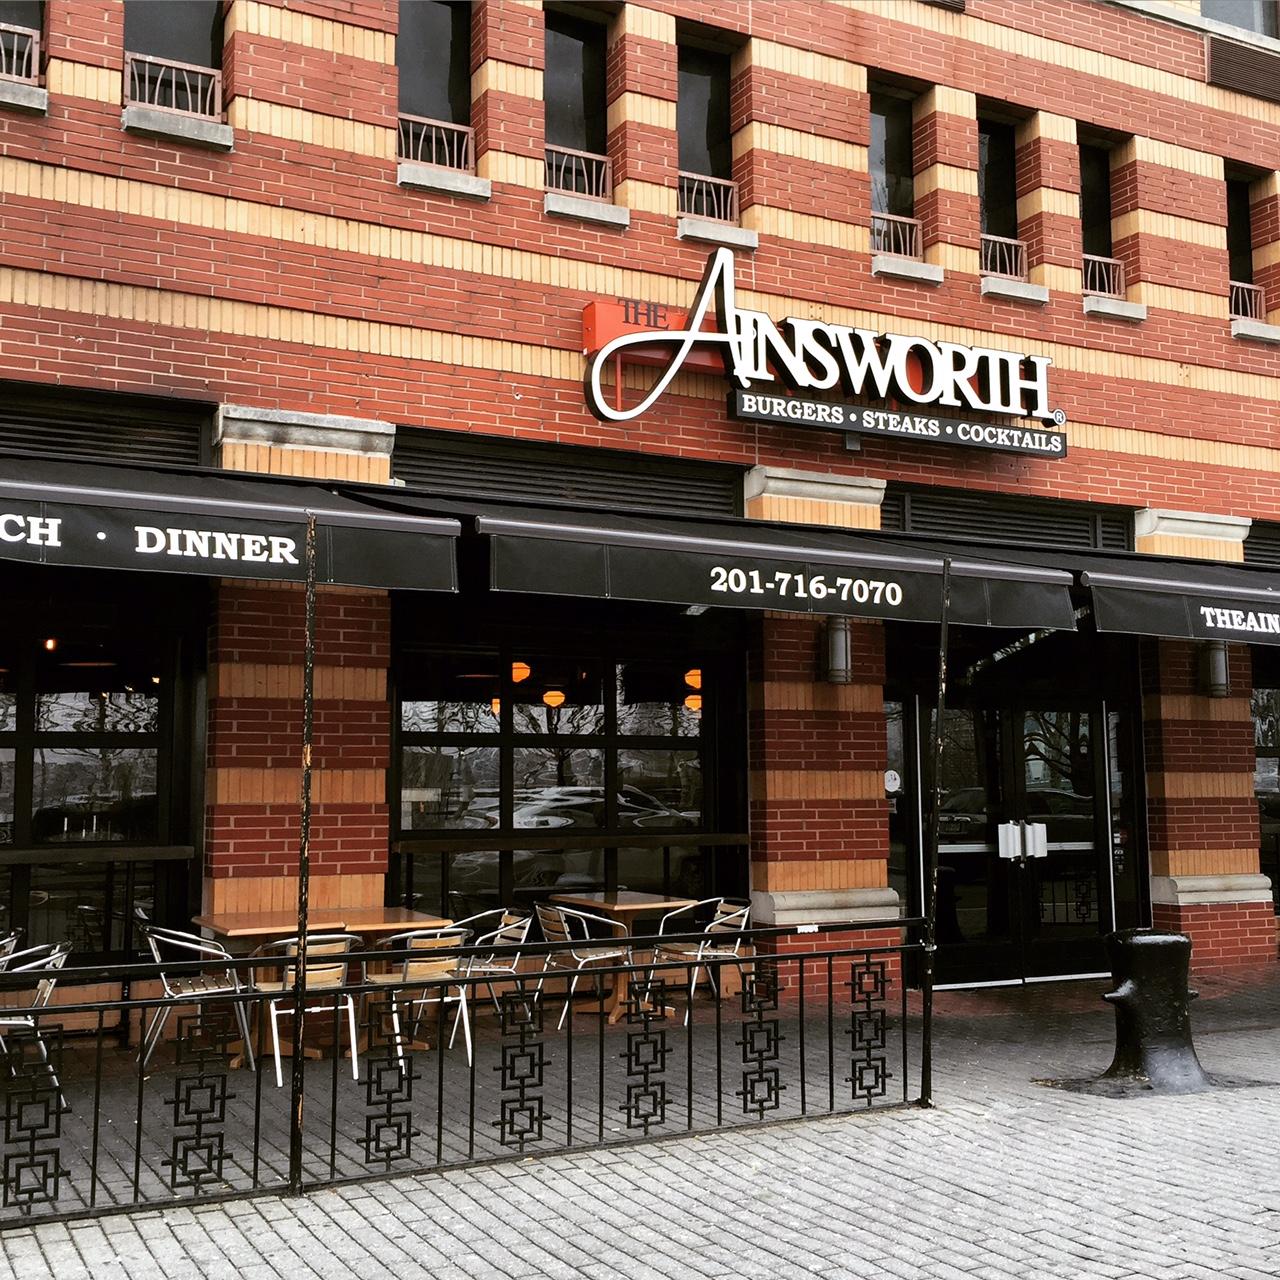 Best Italian Restaurants In Hoboken New Jersey Leo SBest Waterfront Restaurants In Hoboken Nj   Best Restaurant 2017. Good Restaurants In Hoboken New Jersey. Home Design Ideas